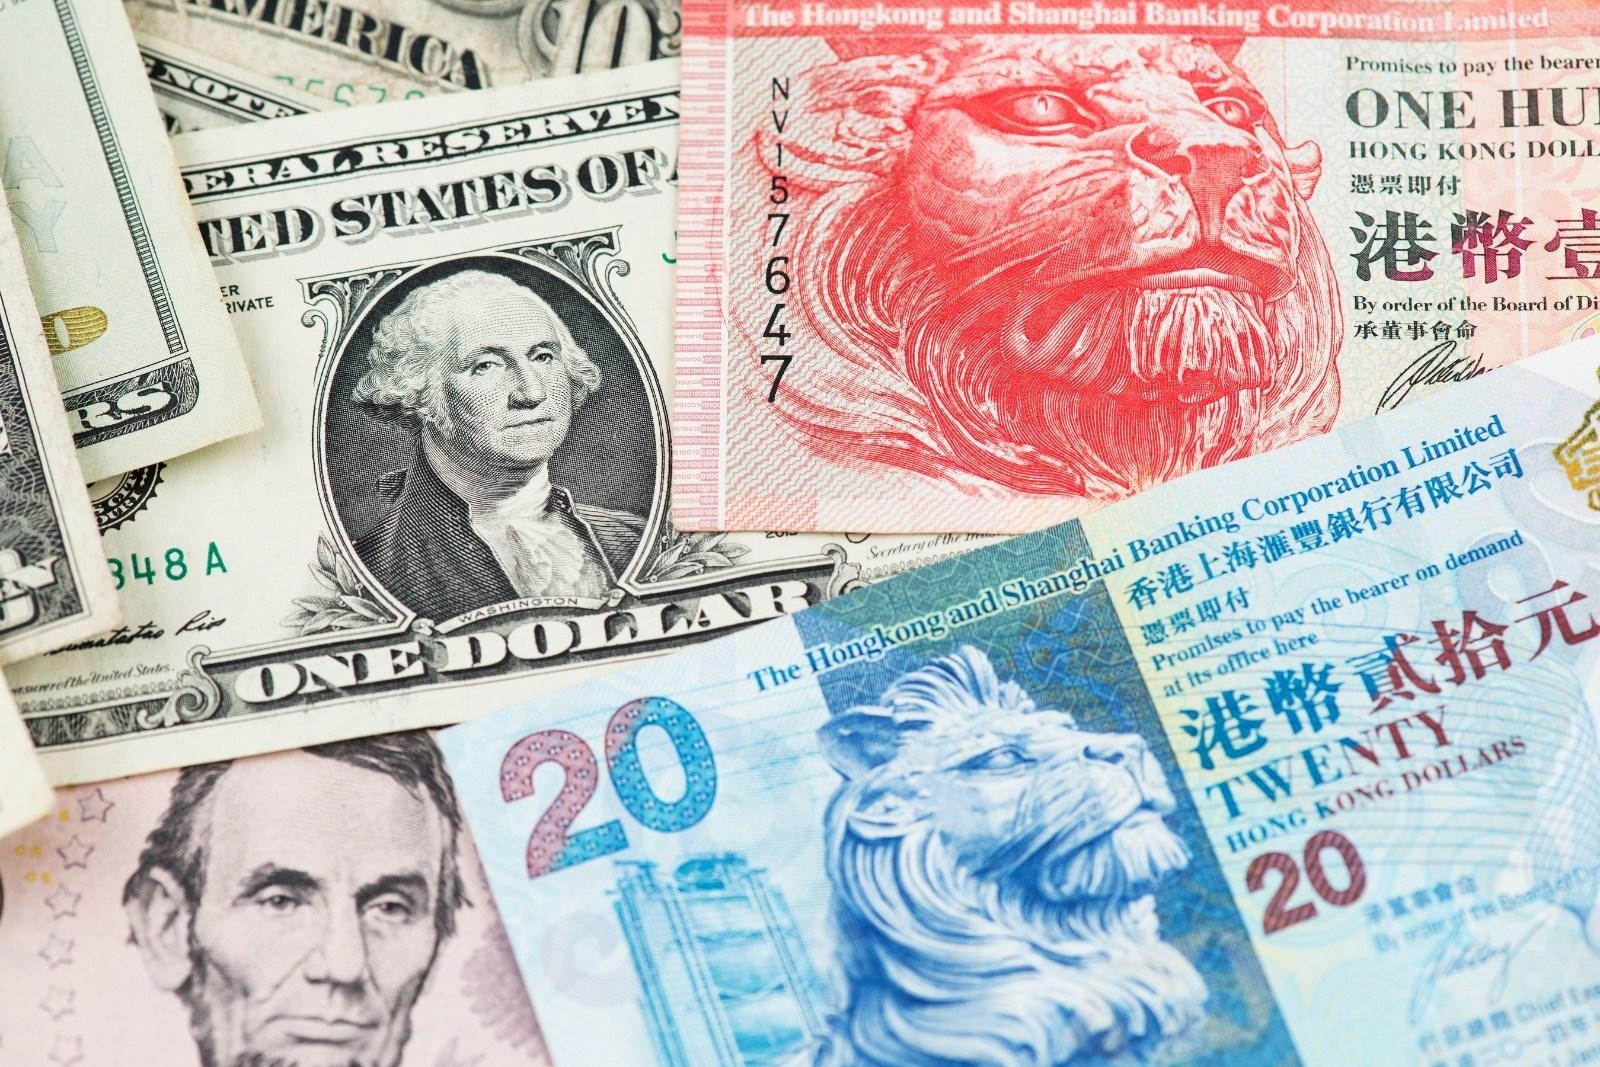 美國若打擊香港聯匯制度,中國可從美債或美股大幅撤資,對美元資產造成的影響可能超過削弱香港聯匯制度對港幣的影響。(Shutterstock)